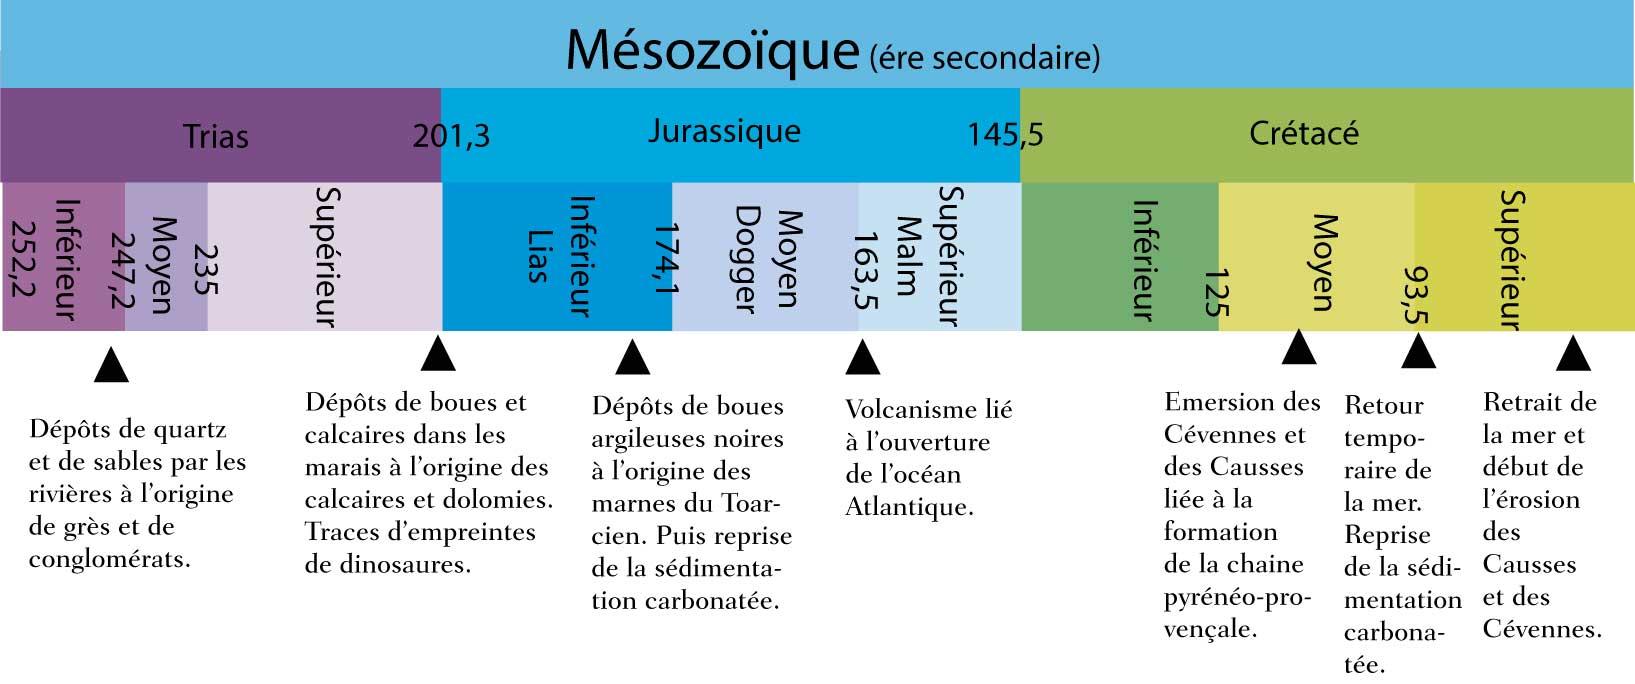 Échelle des temps mésozoïques et les événements géologiques en Cévennes.